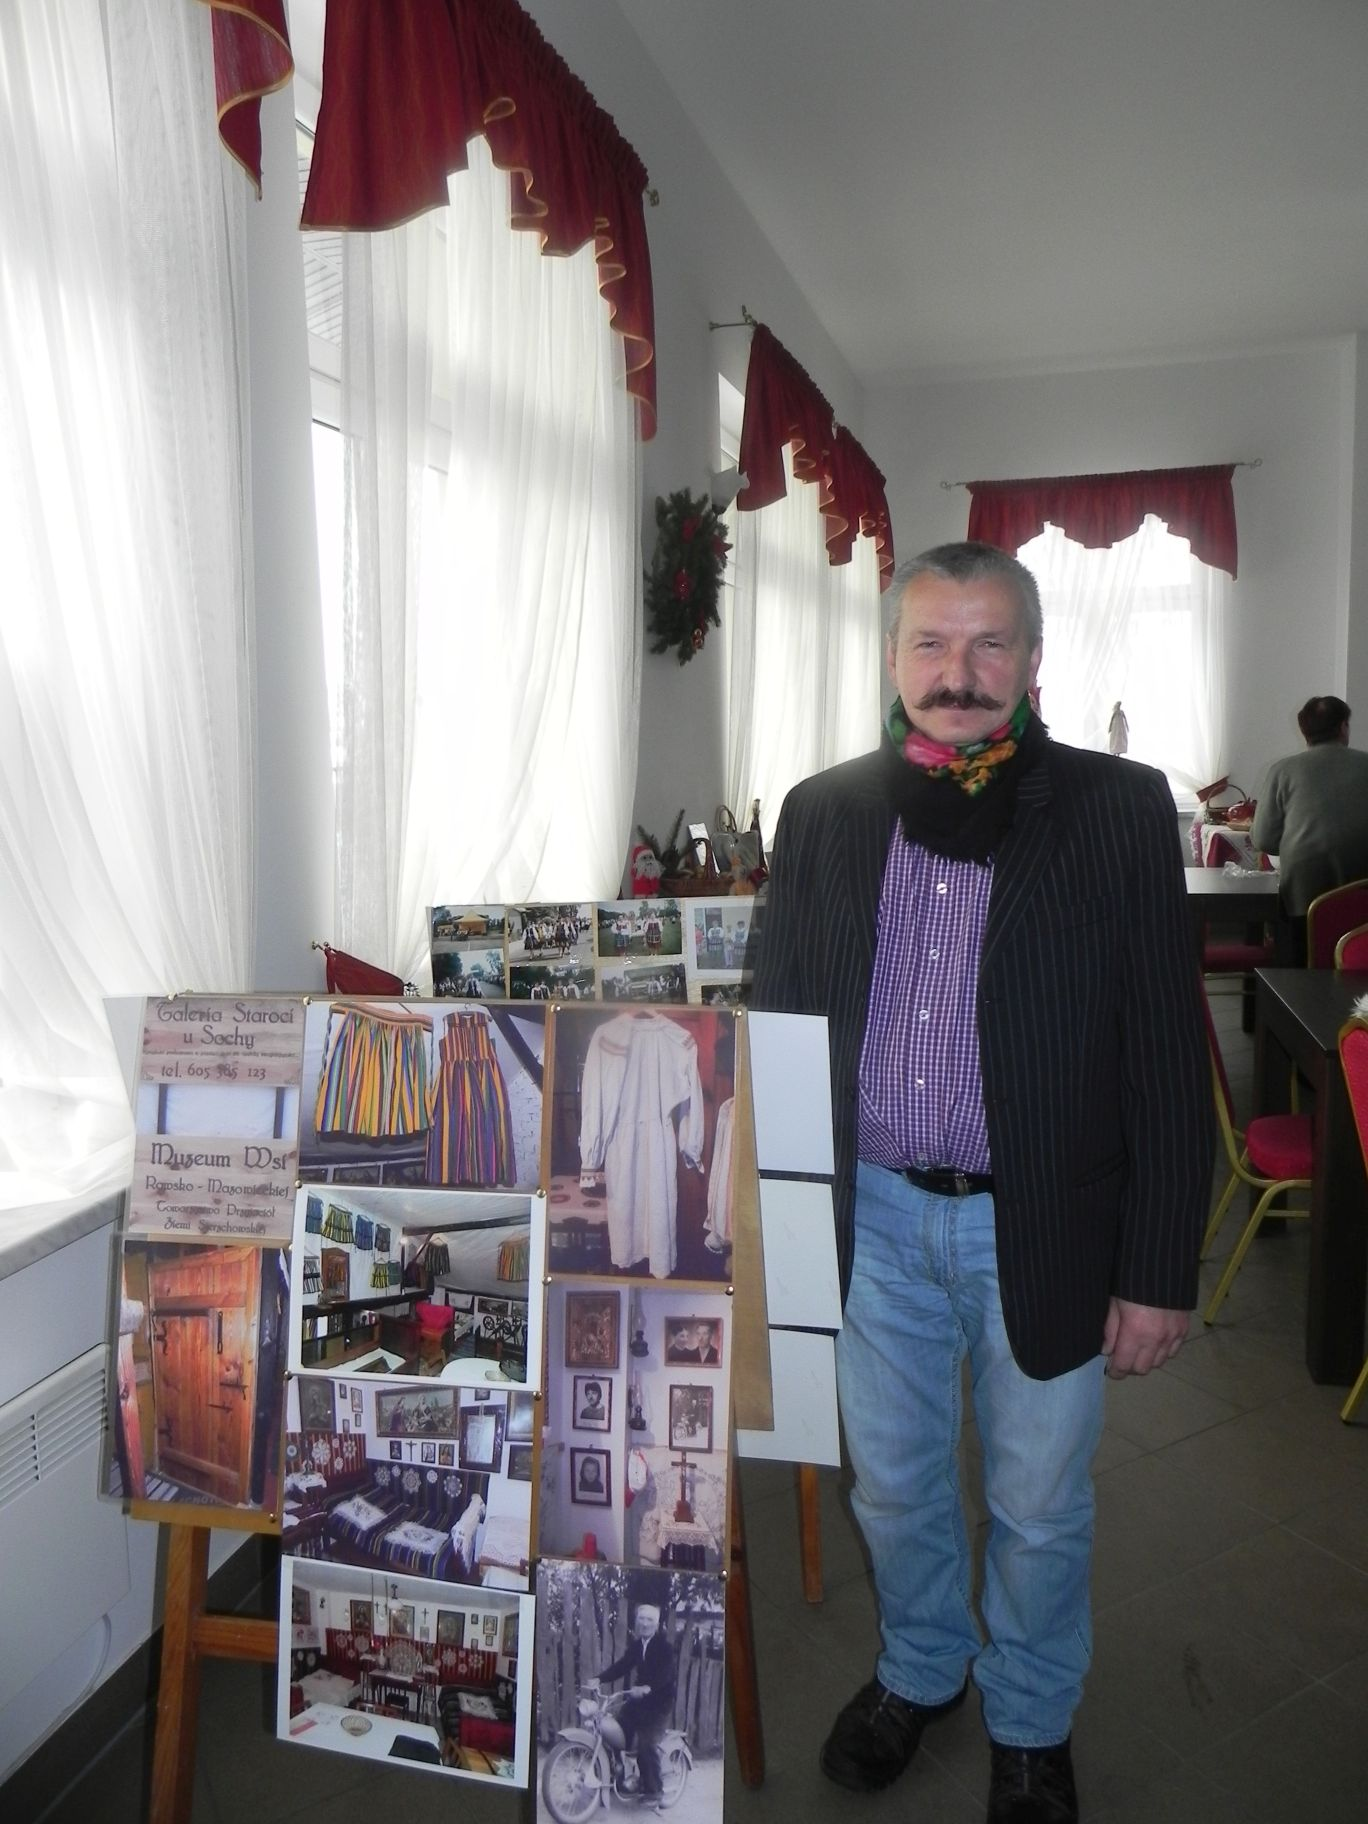 2012-12-14 Wilkowice - Konferencja Wioski tematyczne (2)